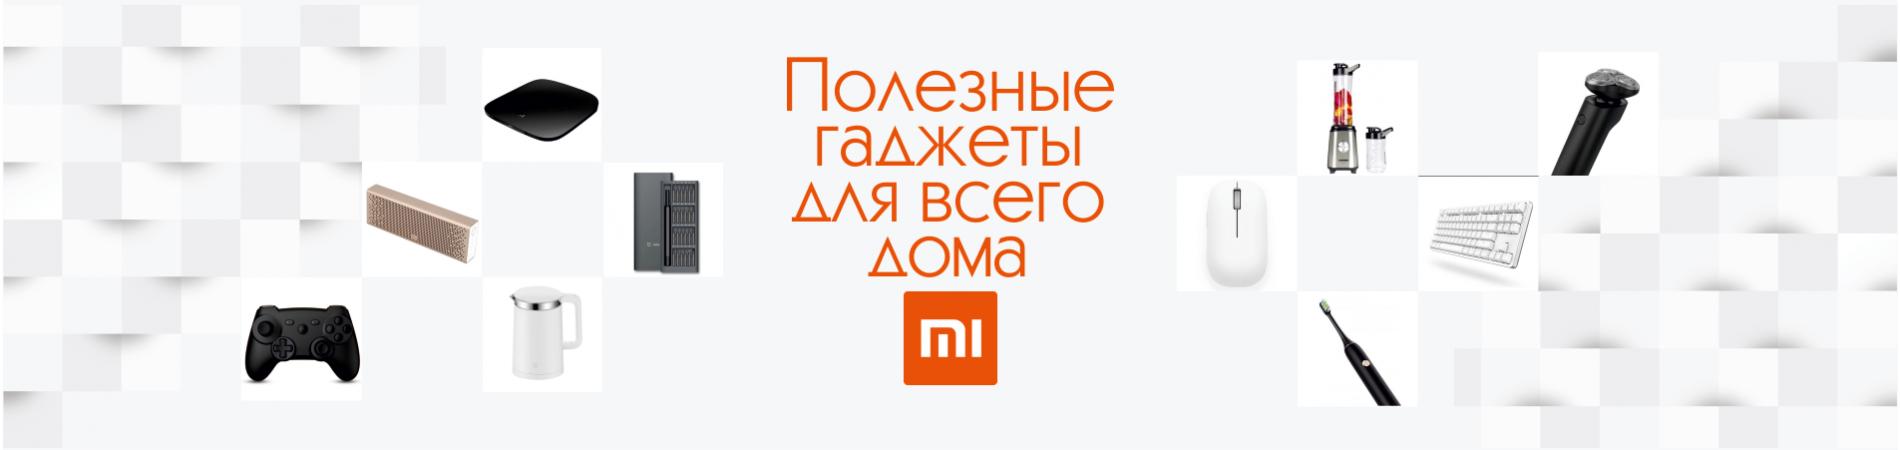 mi_smart